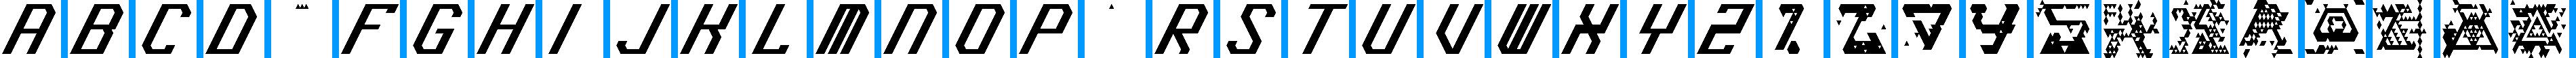 Particip-a-type v.233